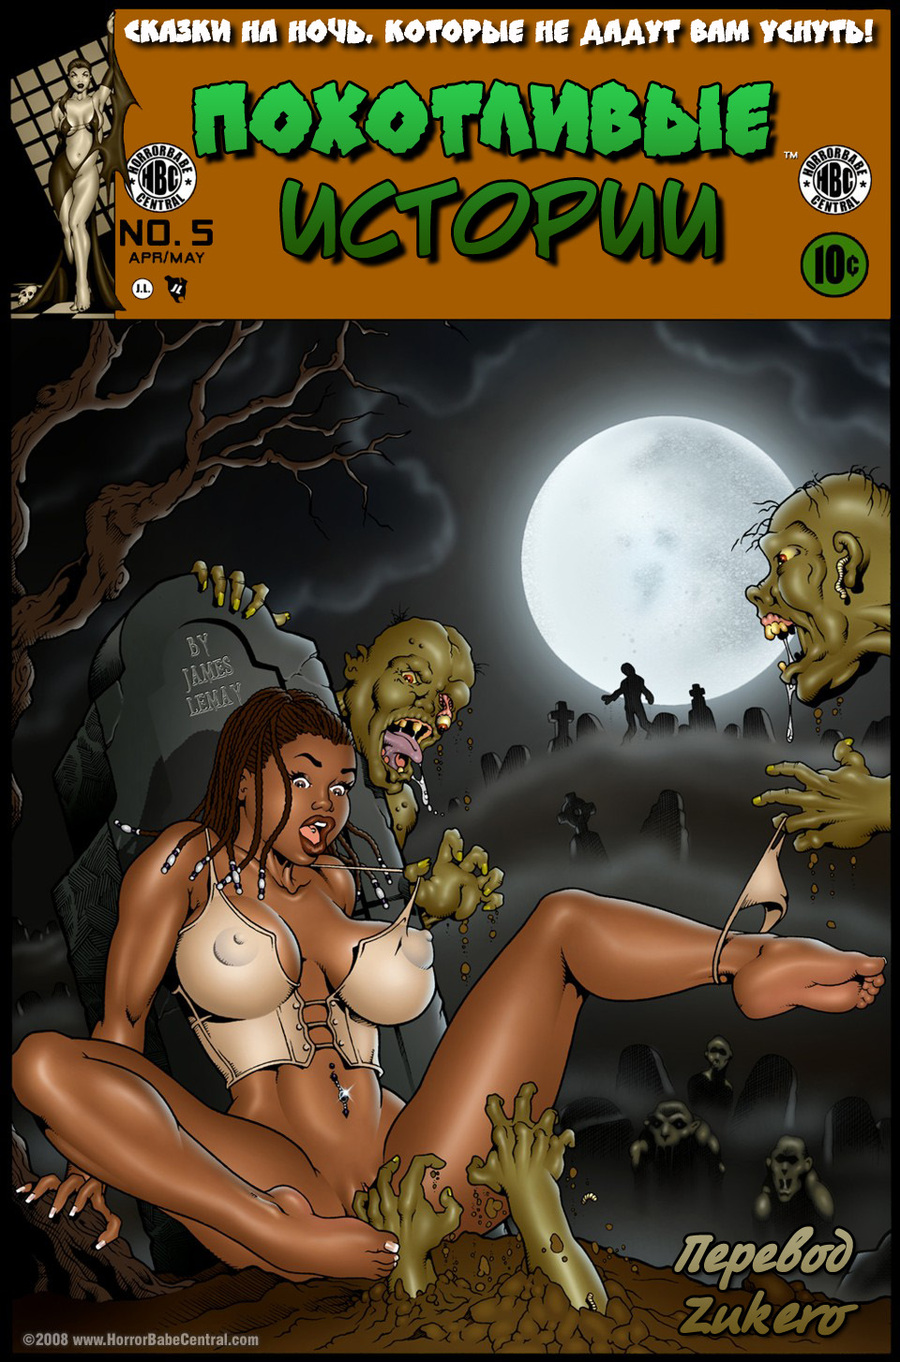 Смотреть порно видео молоденьких девушек онлайн в HD качестве на uhtube.cc